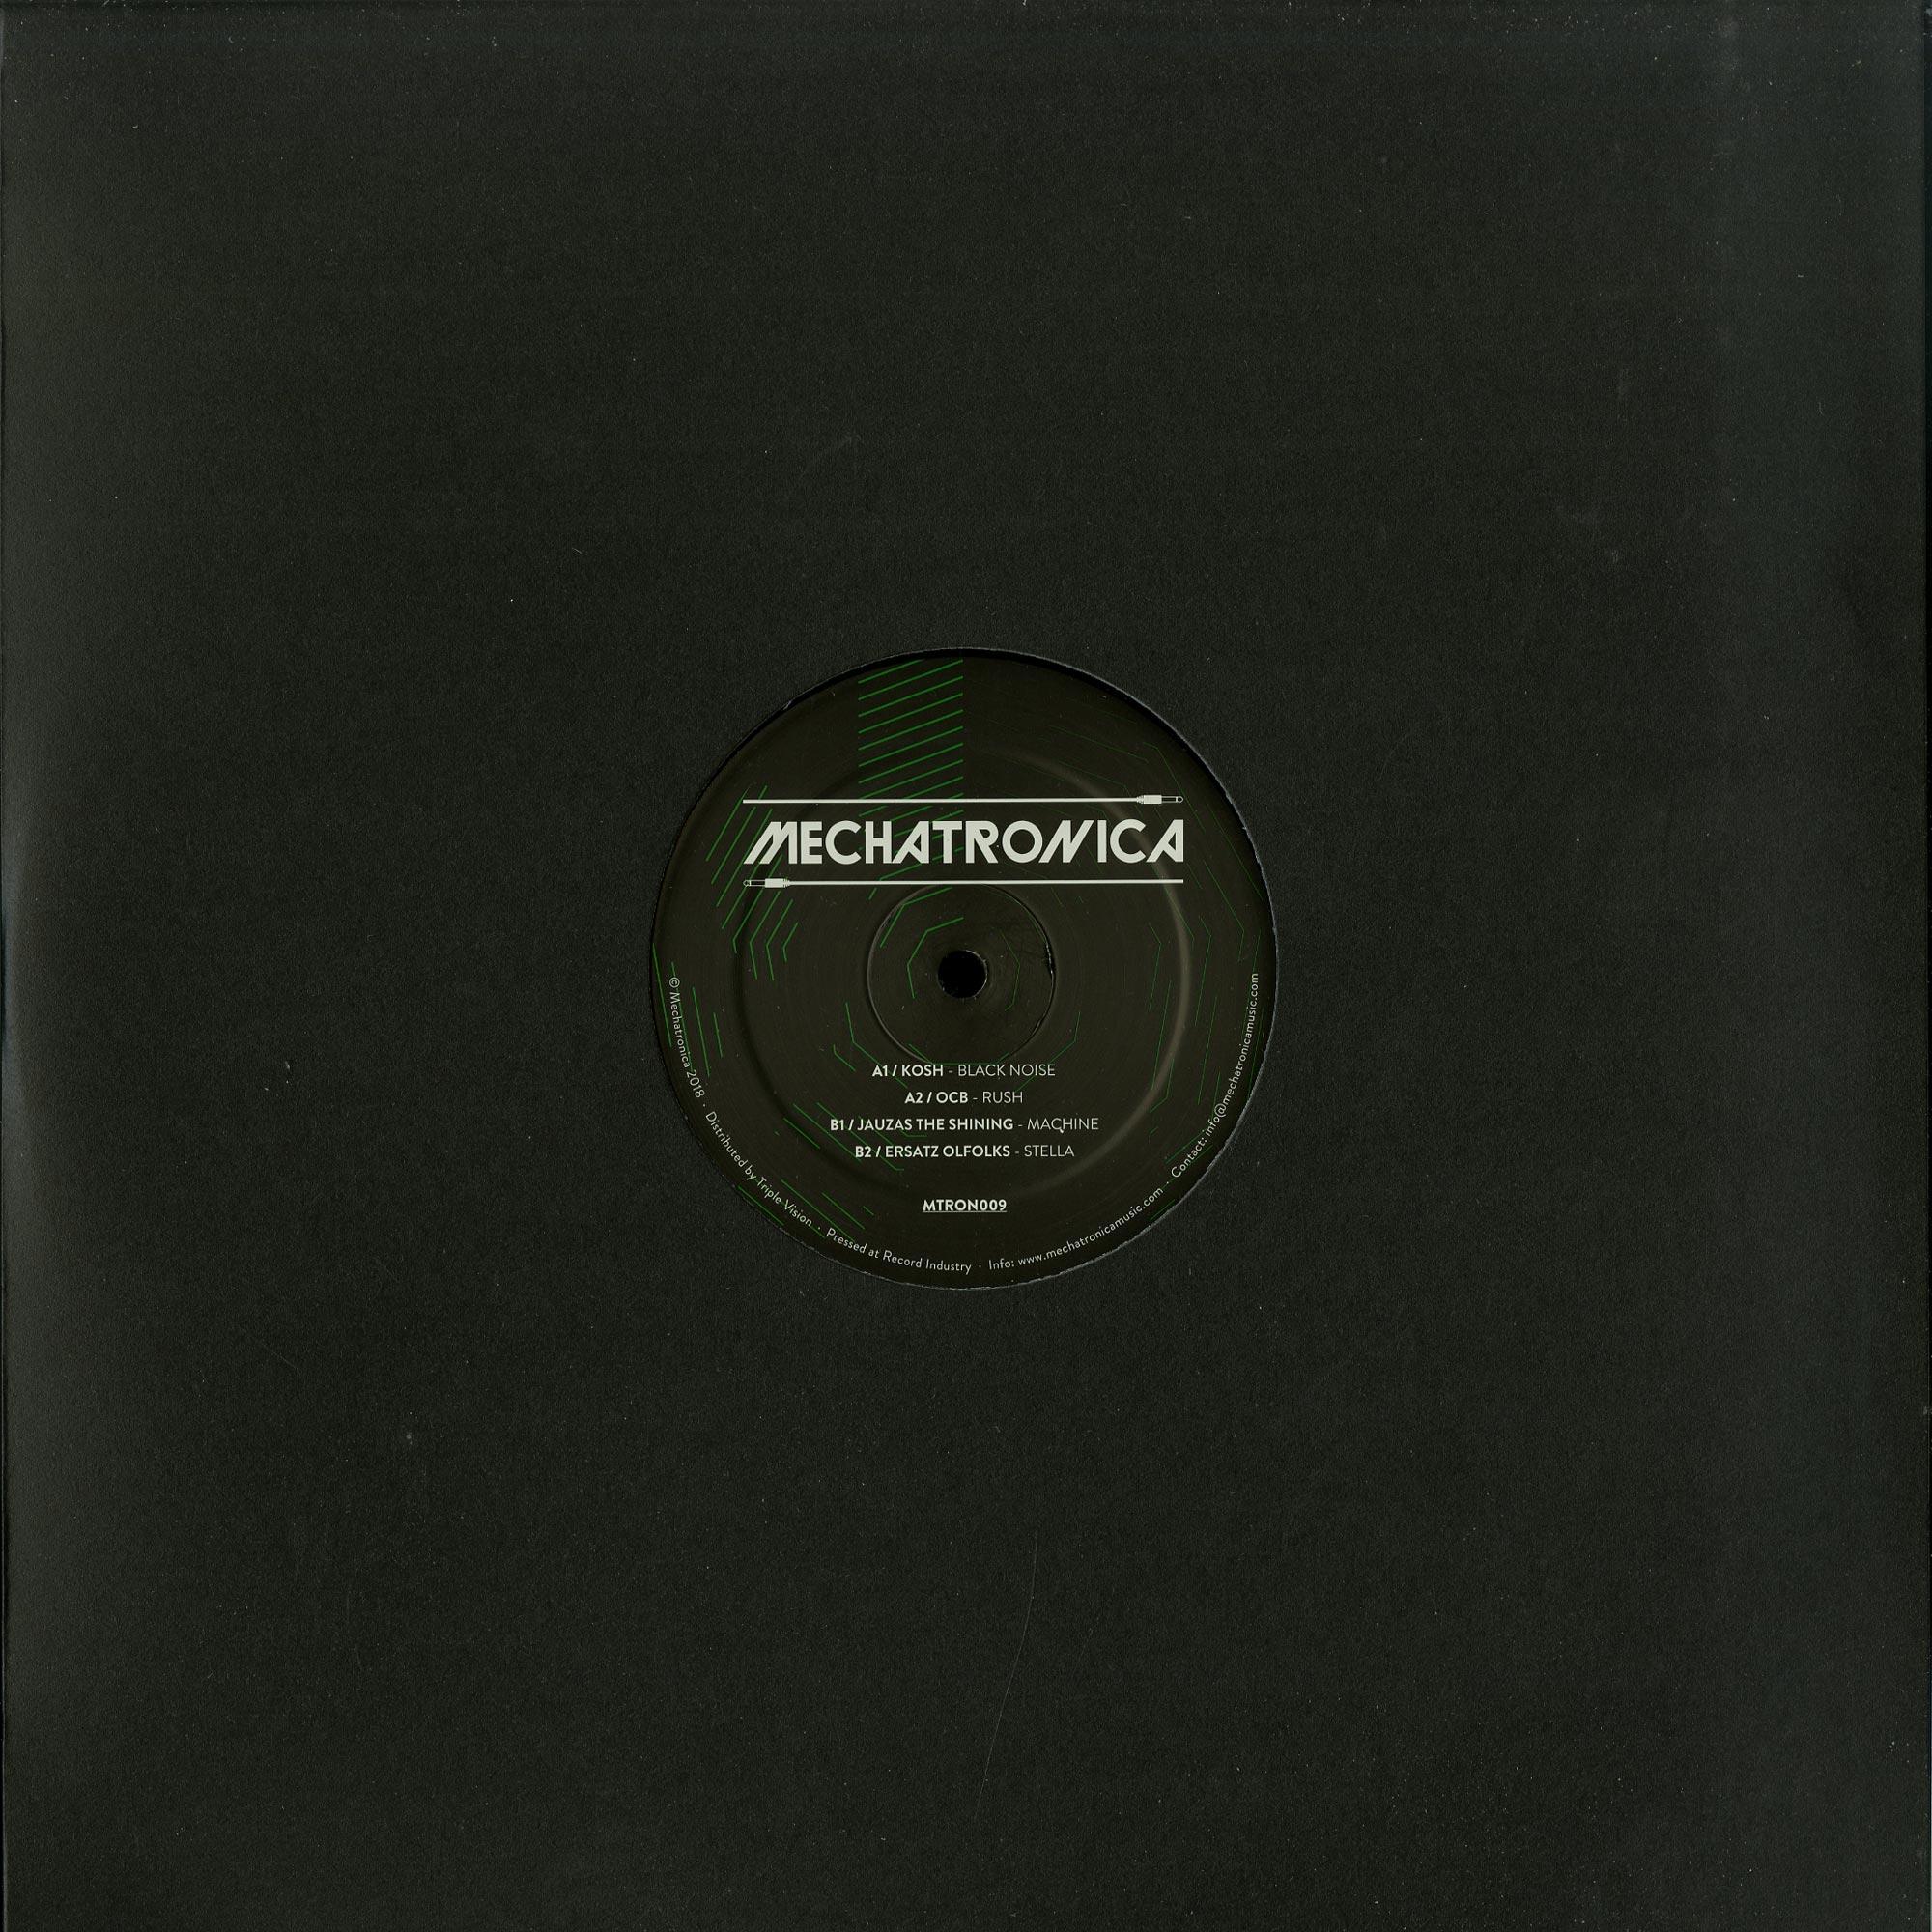 Kosh / OCB / Jauzas The Shining / Ersatz Olfolks - MTRON009